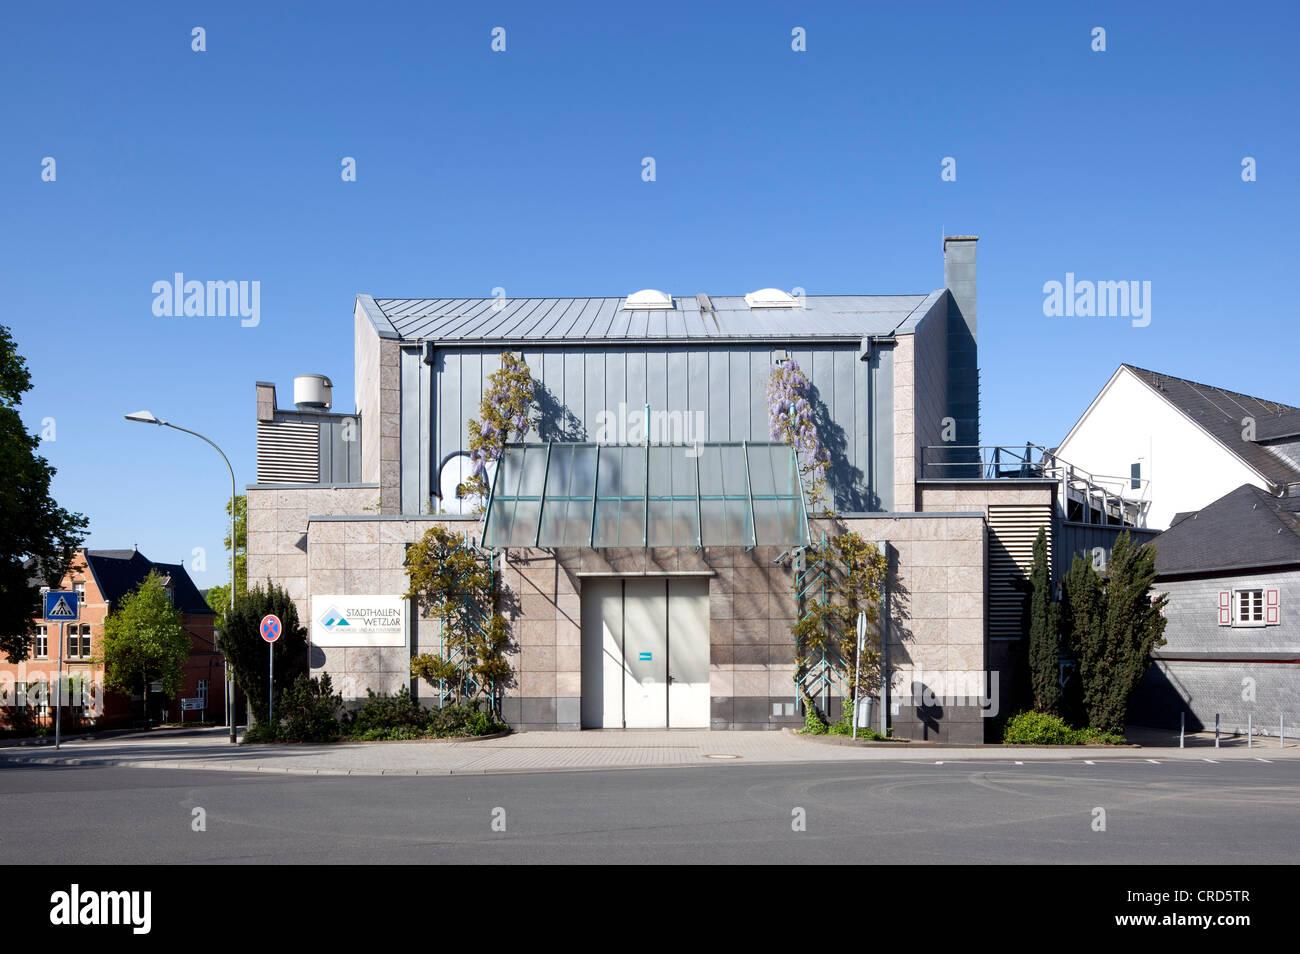 Municipio, conferenze e eventi centro, Wetzlar, Hesse, Germania, Europa PublicGround Immagini Stock